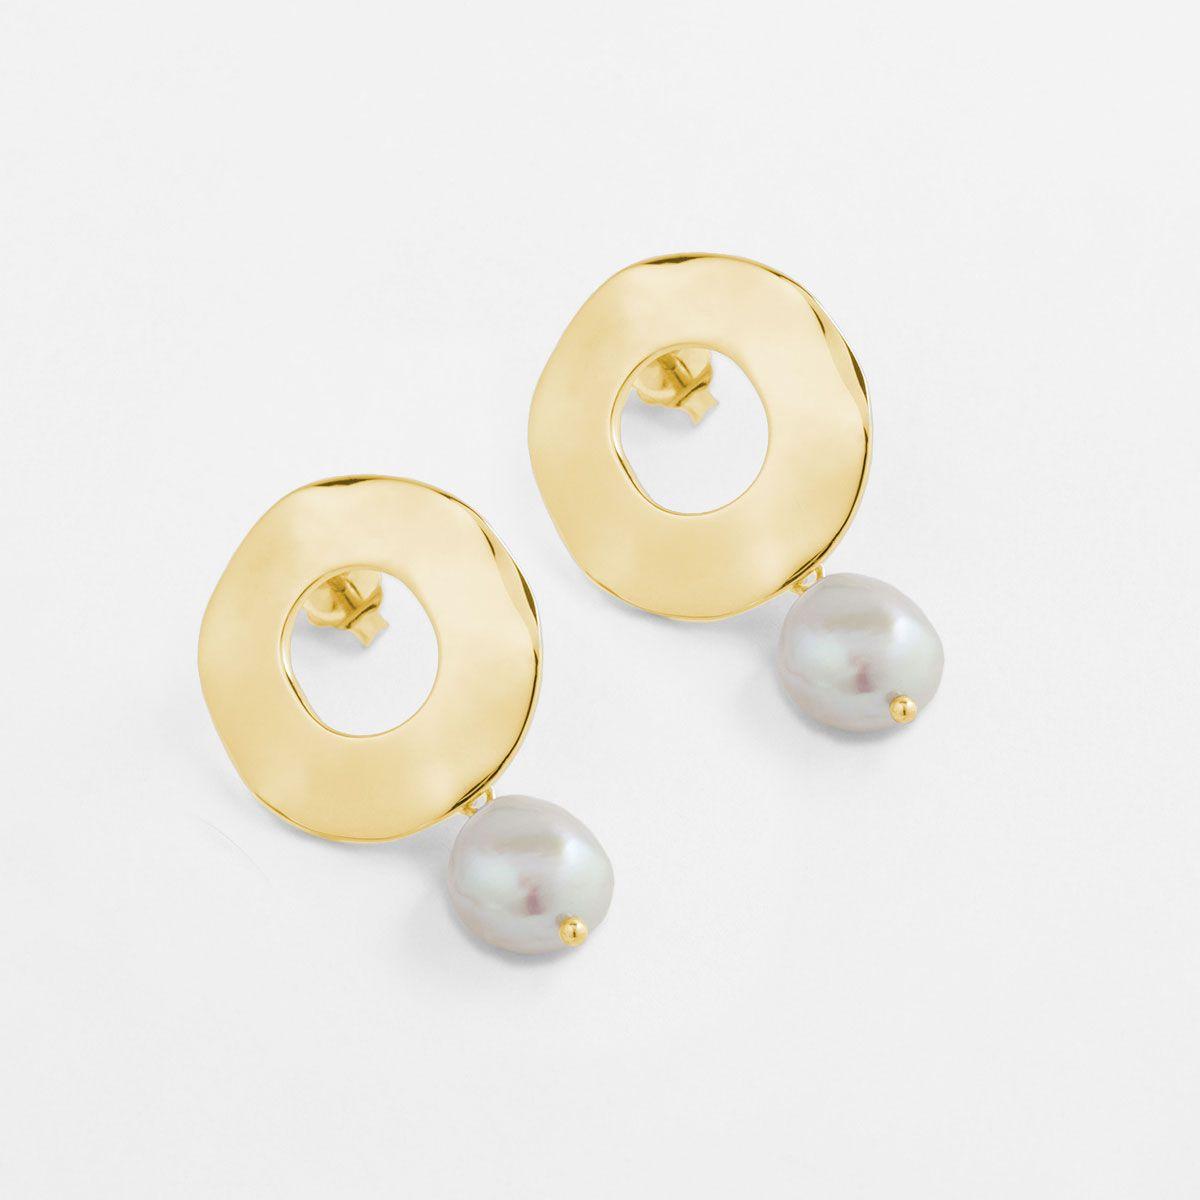 Cora - Perlenohrringe - 14k vergoldet